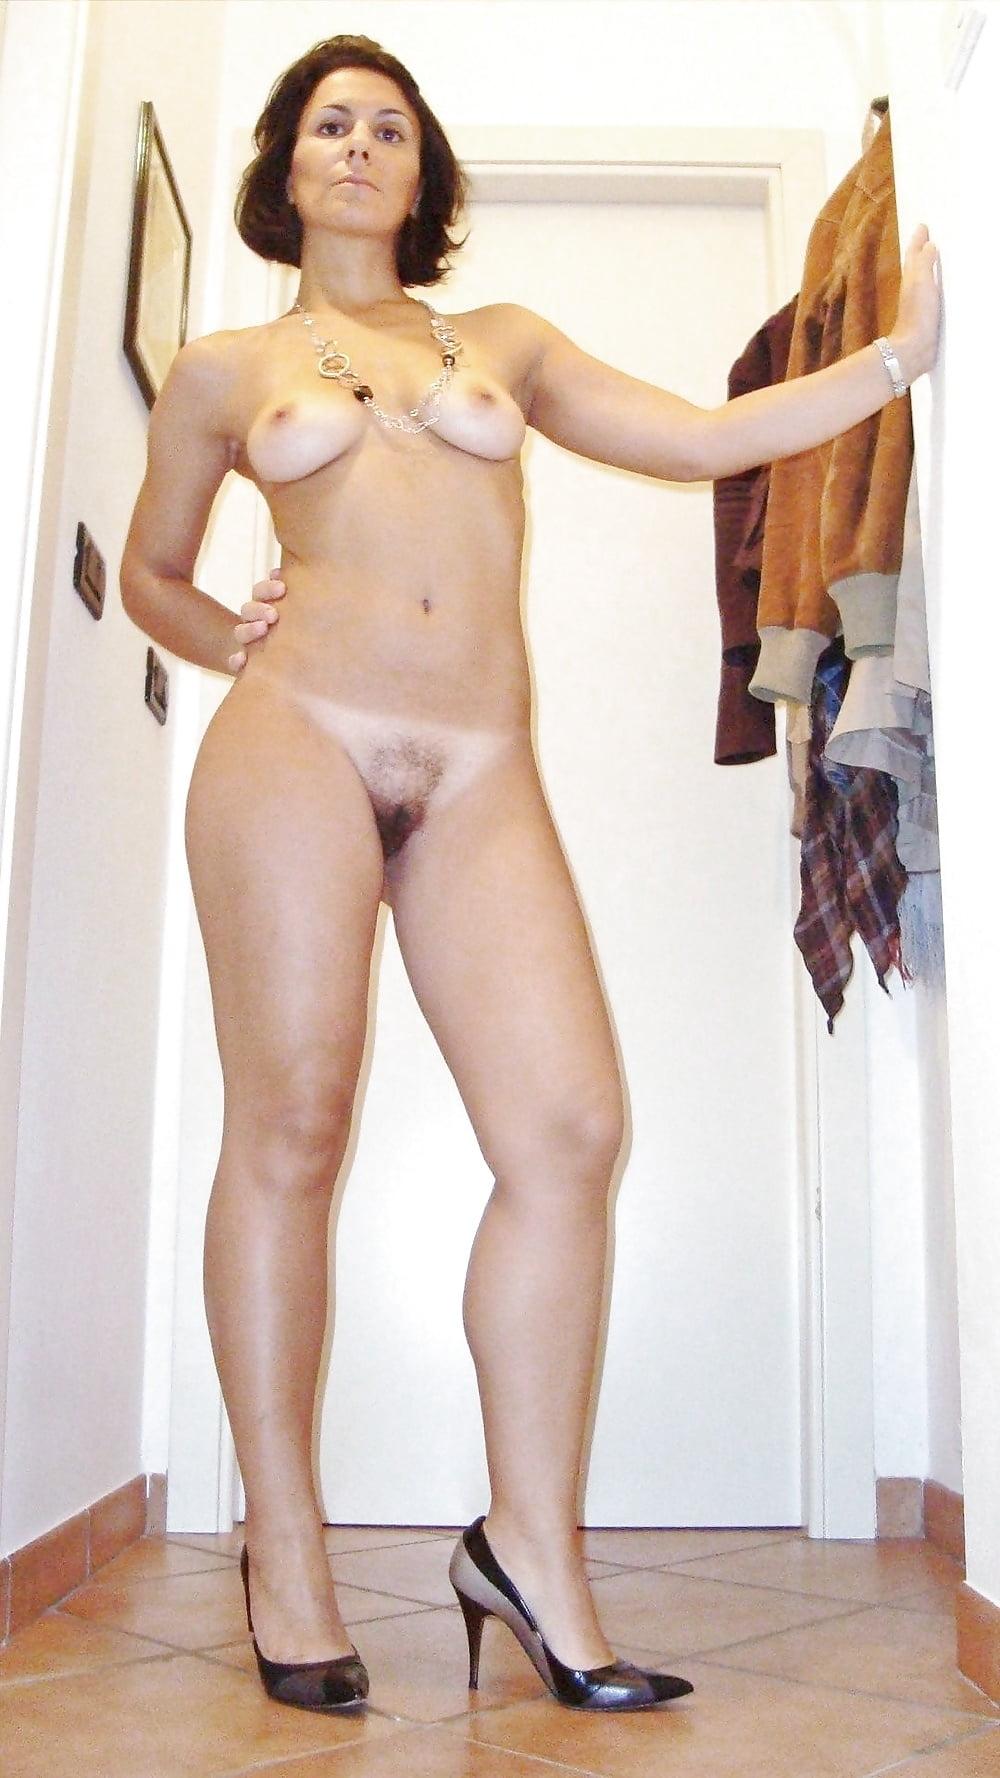 golie-seksualnie-figuri-zrelih-dam